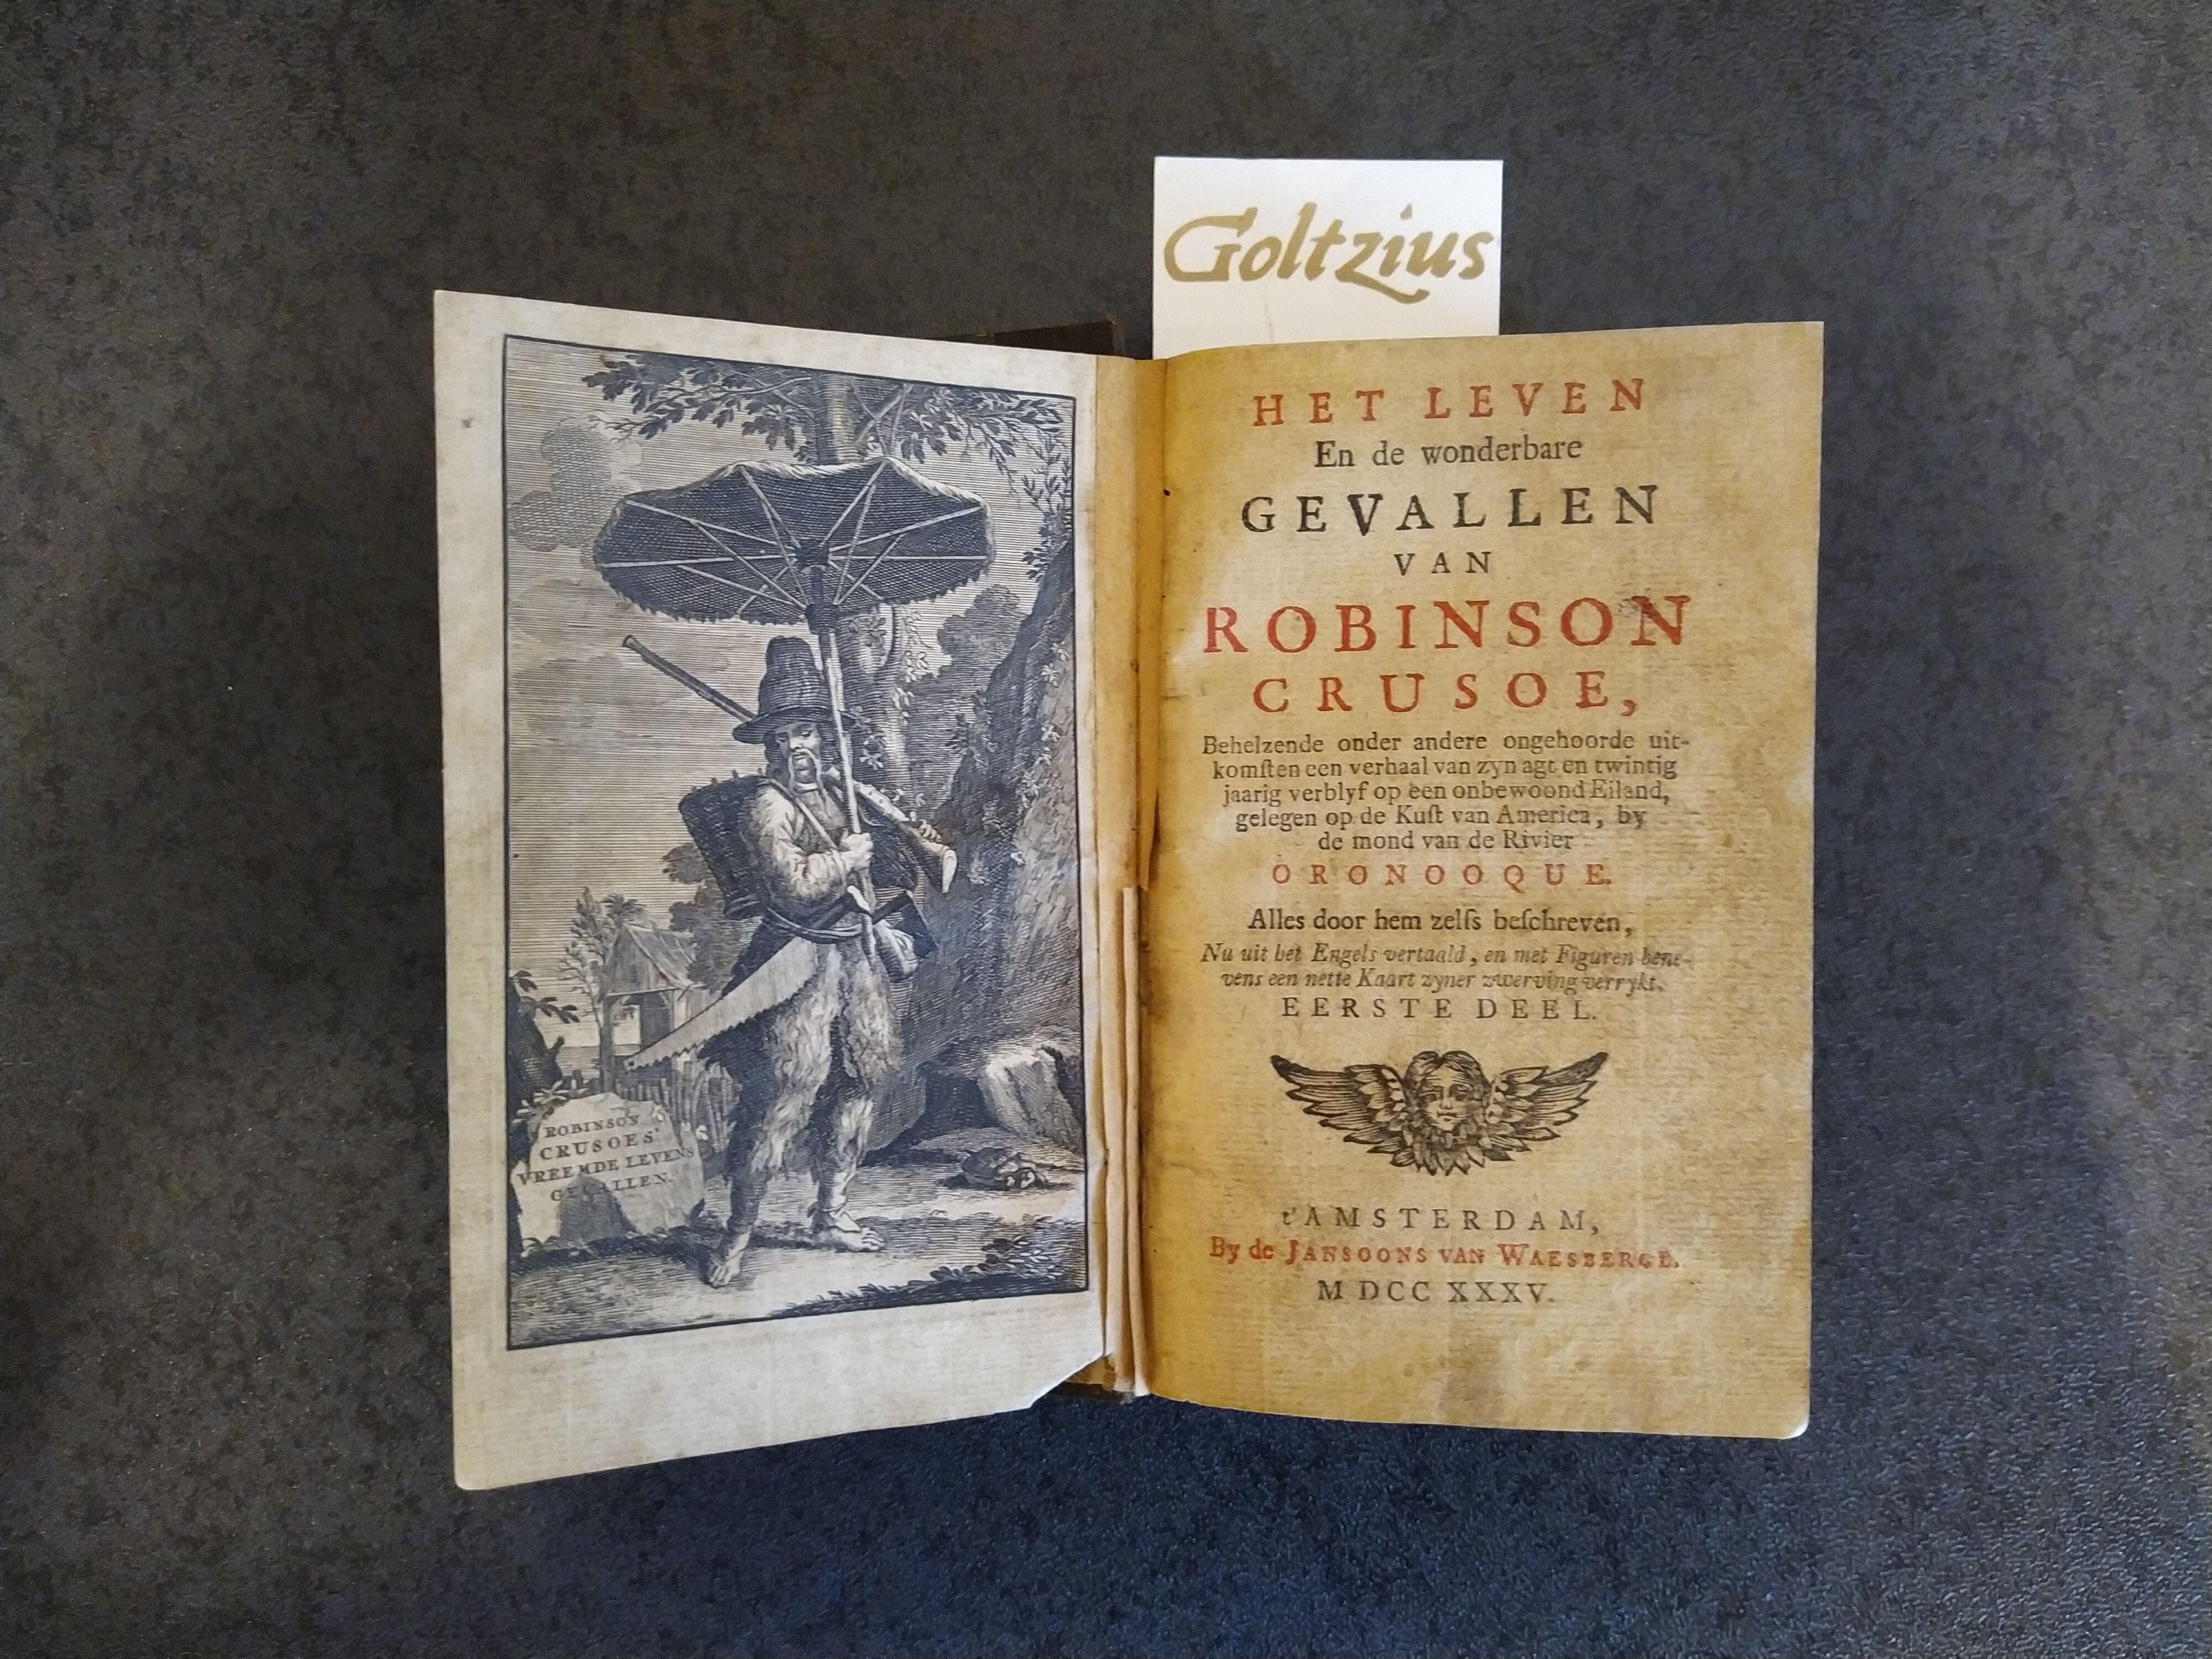 [DEFOE, DANIEL], Het leven en de wonderbare gevallen van Robinson Crusoe, behelzende onder andere ongehoorde uitkomsten een verhaal van zyn agt en twintig jaarig verblyf op een onbewoond Eiland, gelegen op de Kust van America, by de mond van de Rivier Oronooque. Alles doo